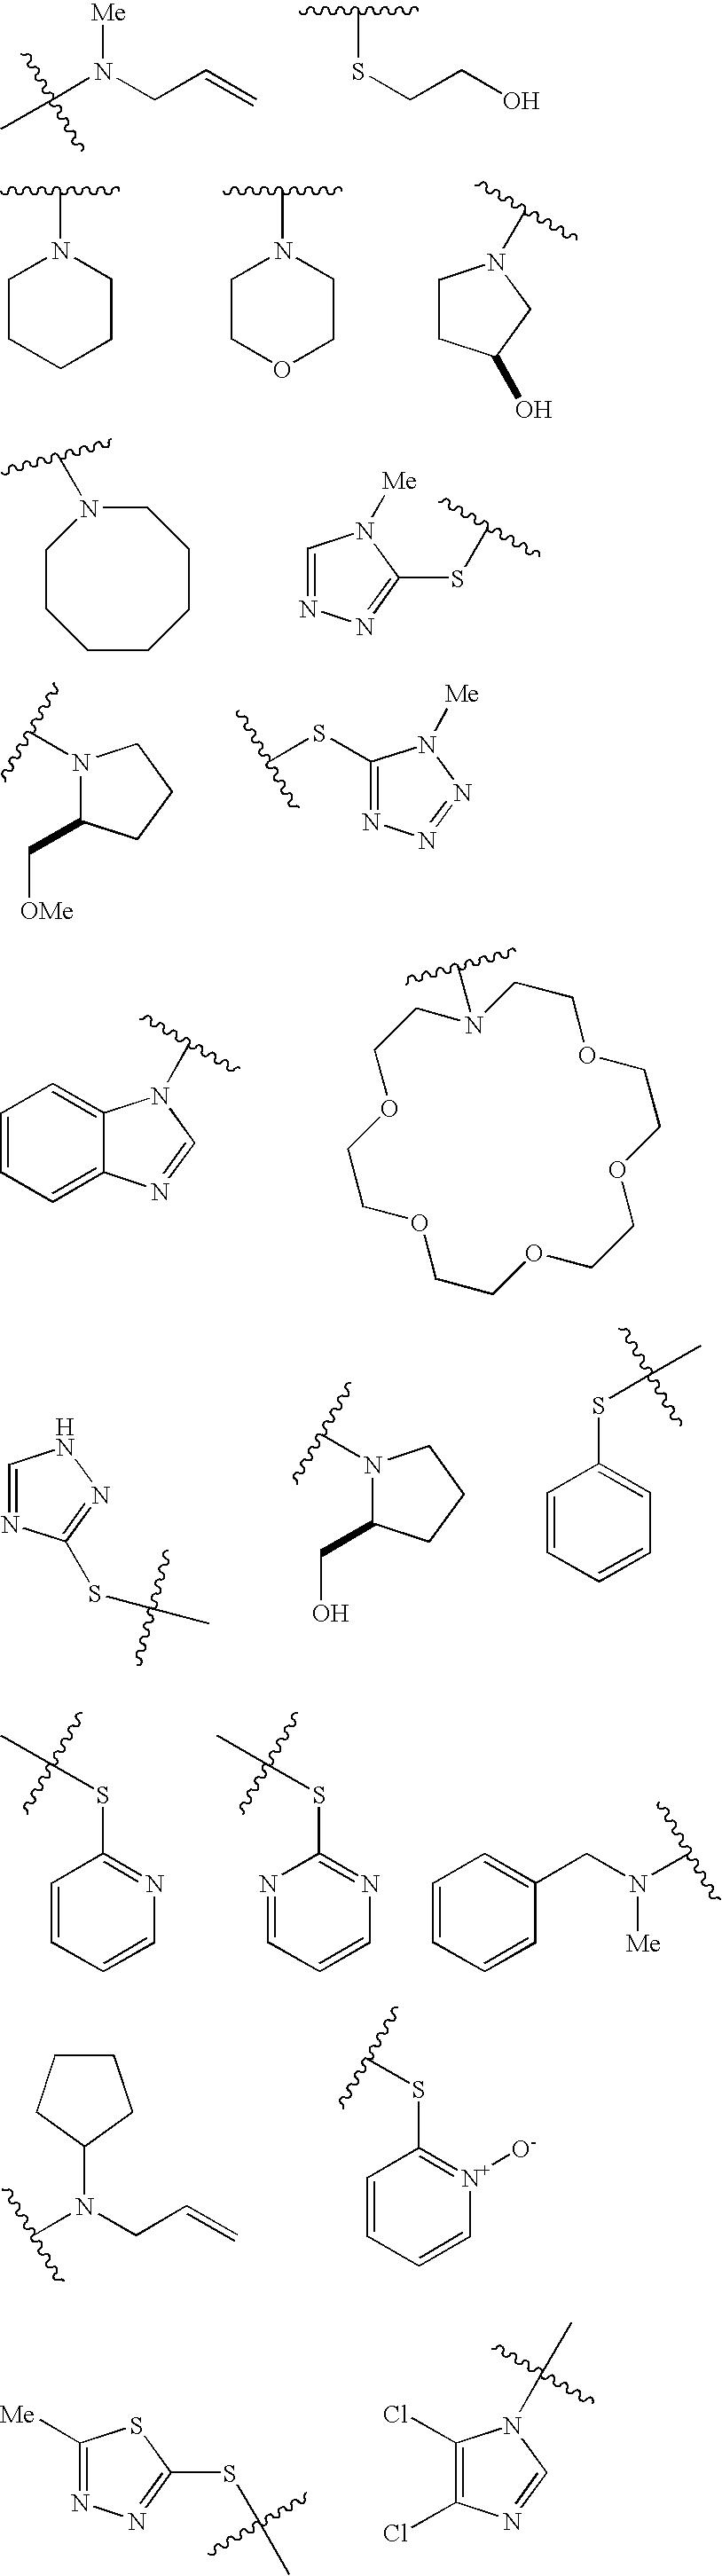 Figure US20040072849A1-20040415-C00035